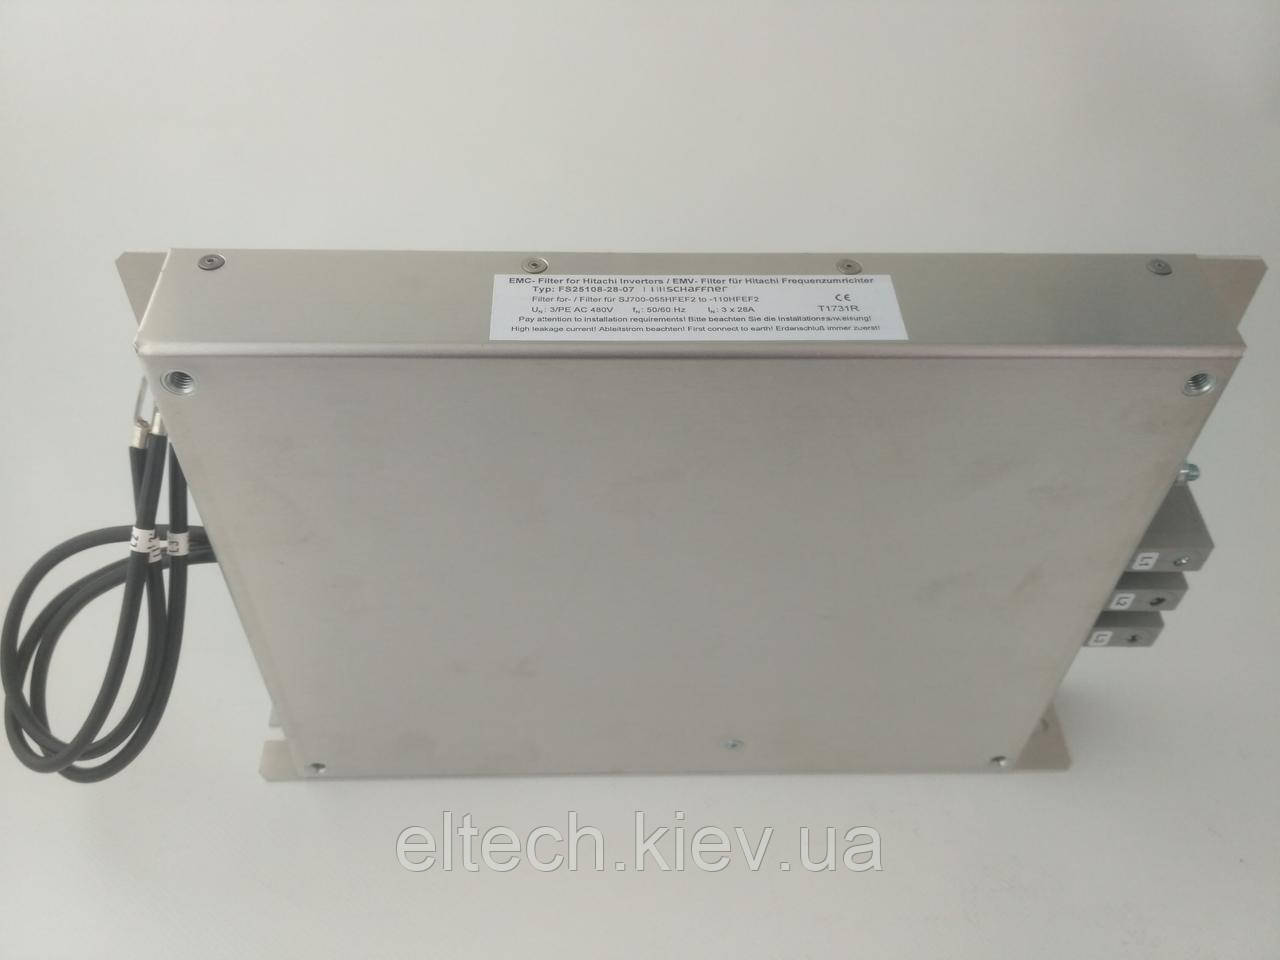 Фильтр сетевой FS25108-28-07 для SJ700D (SJ700)-(055,075,110)HFEF3